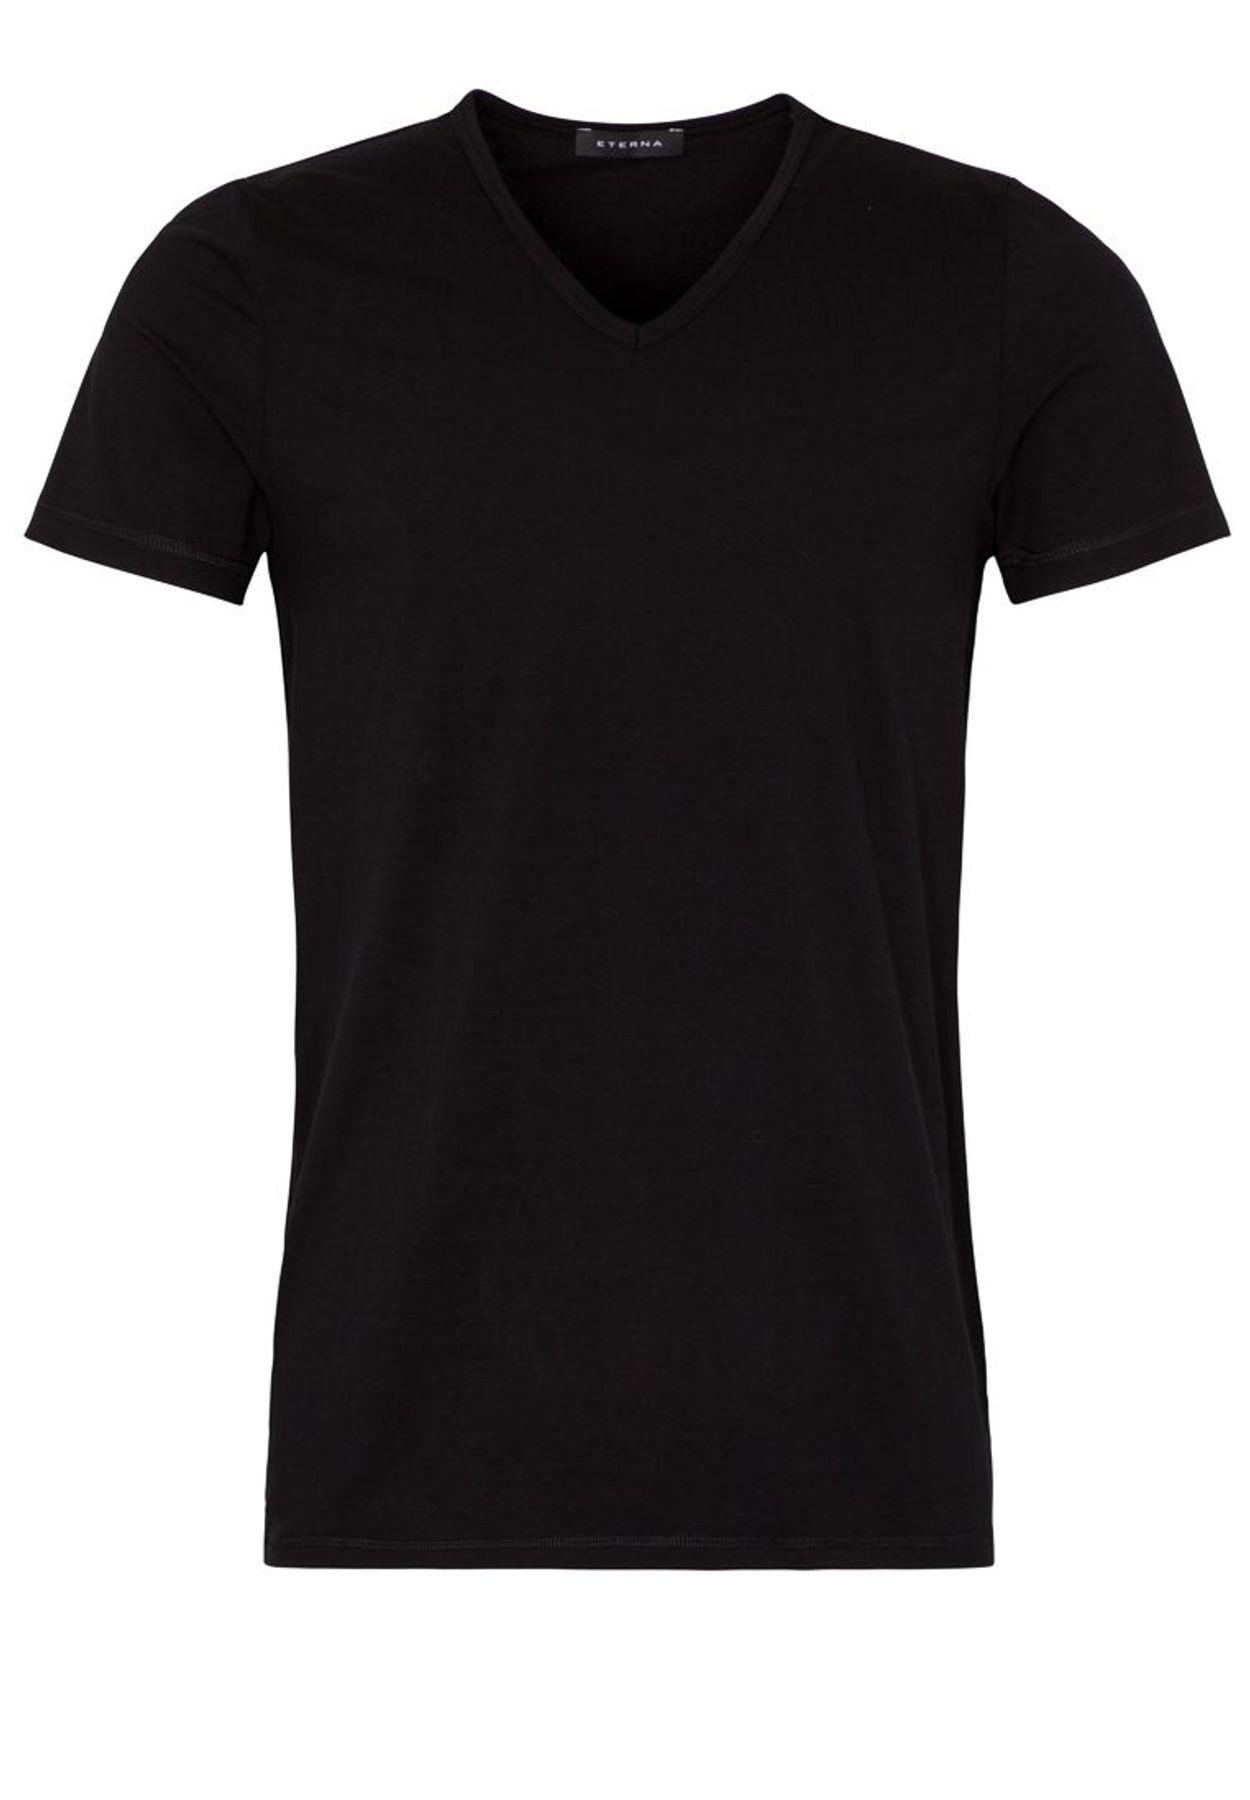 Eterna - Herren Bodyshirt mit verlängertem V-Ausschnitt in schwarz und weiß (804) – Bild 7